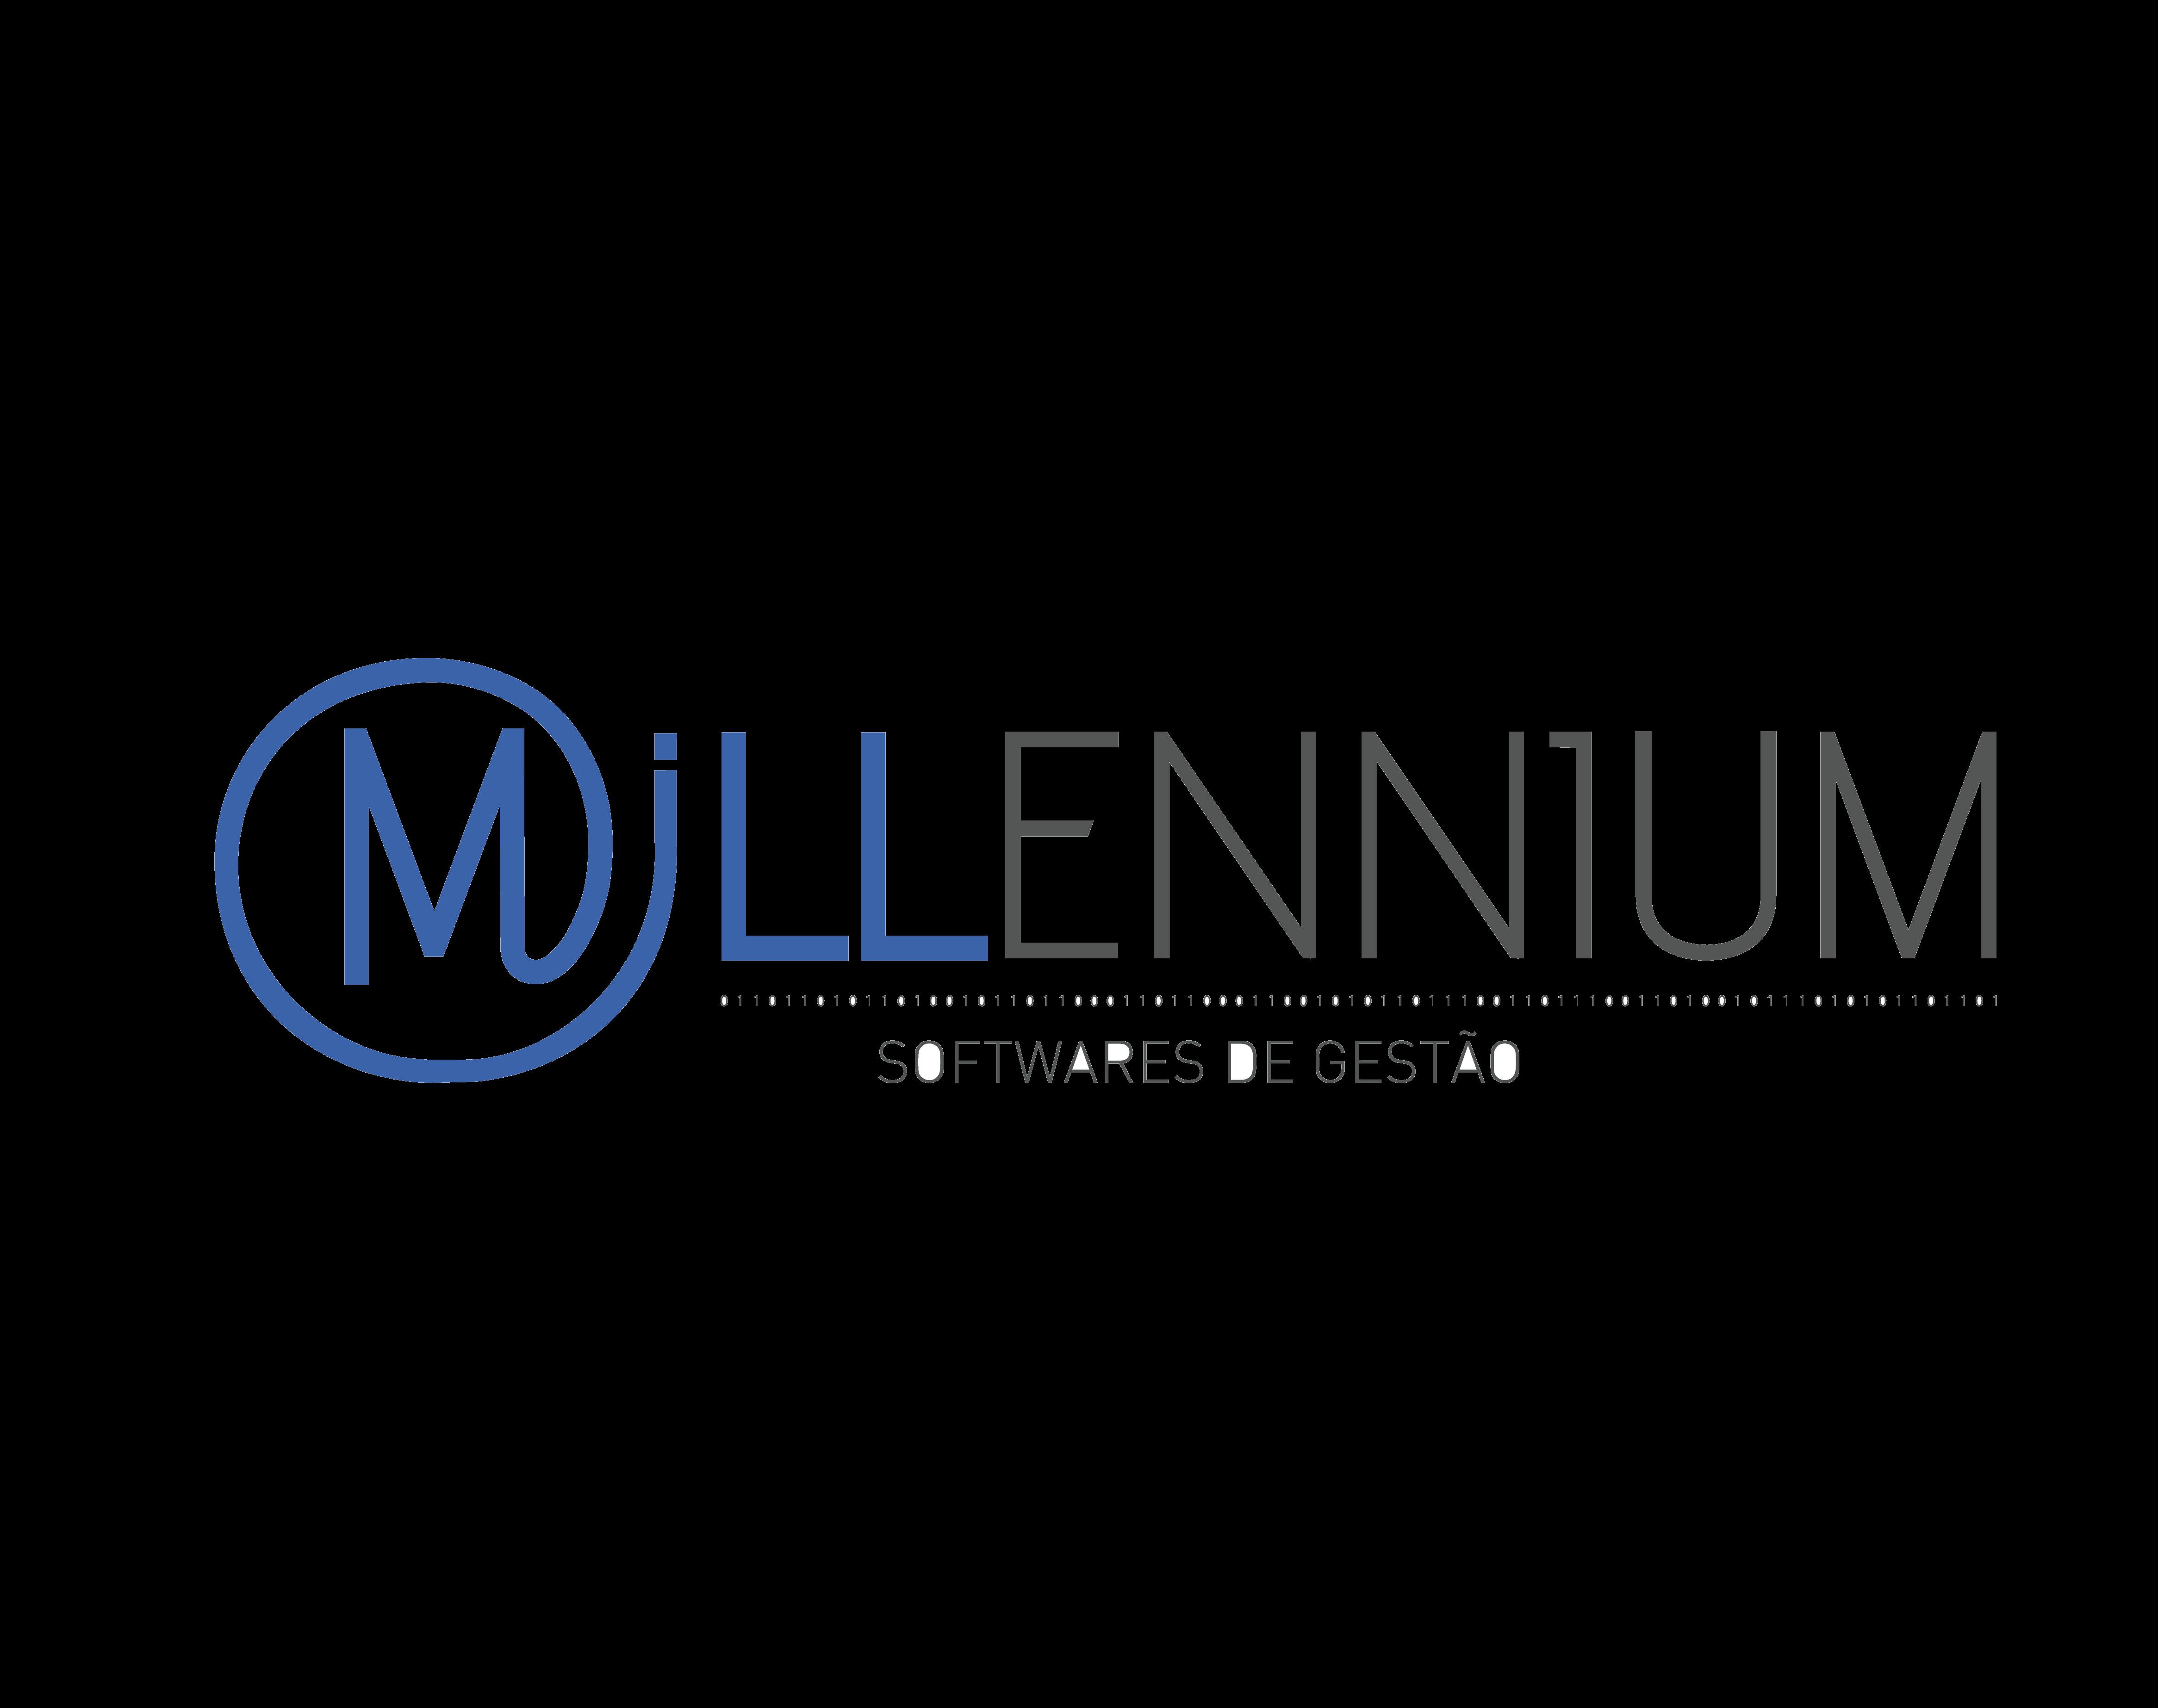 Millennium Softwares de Gestão